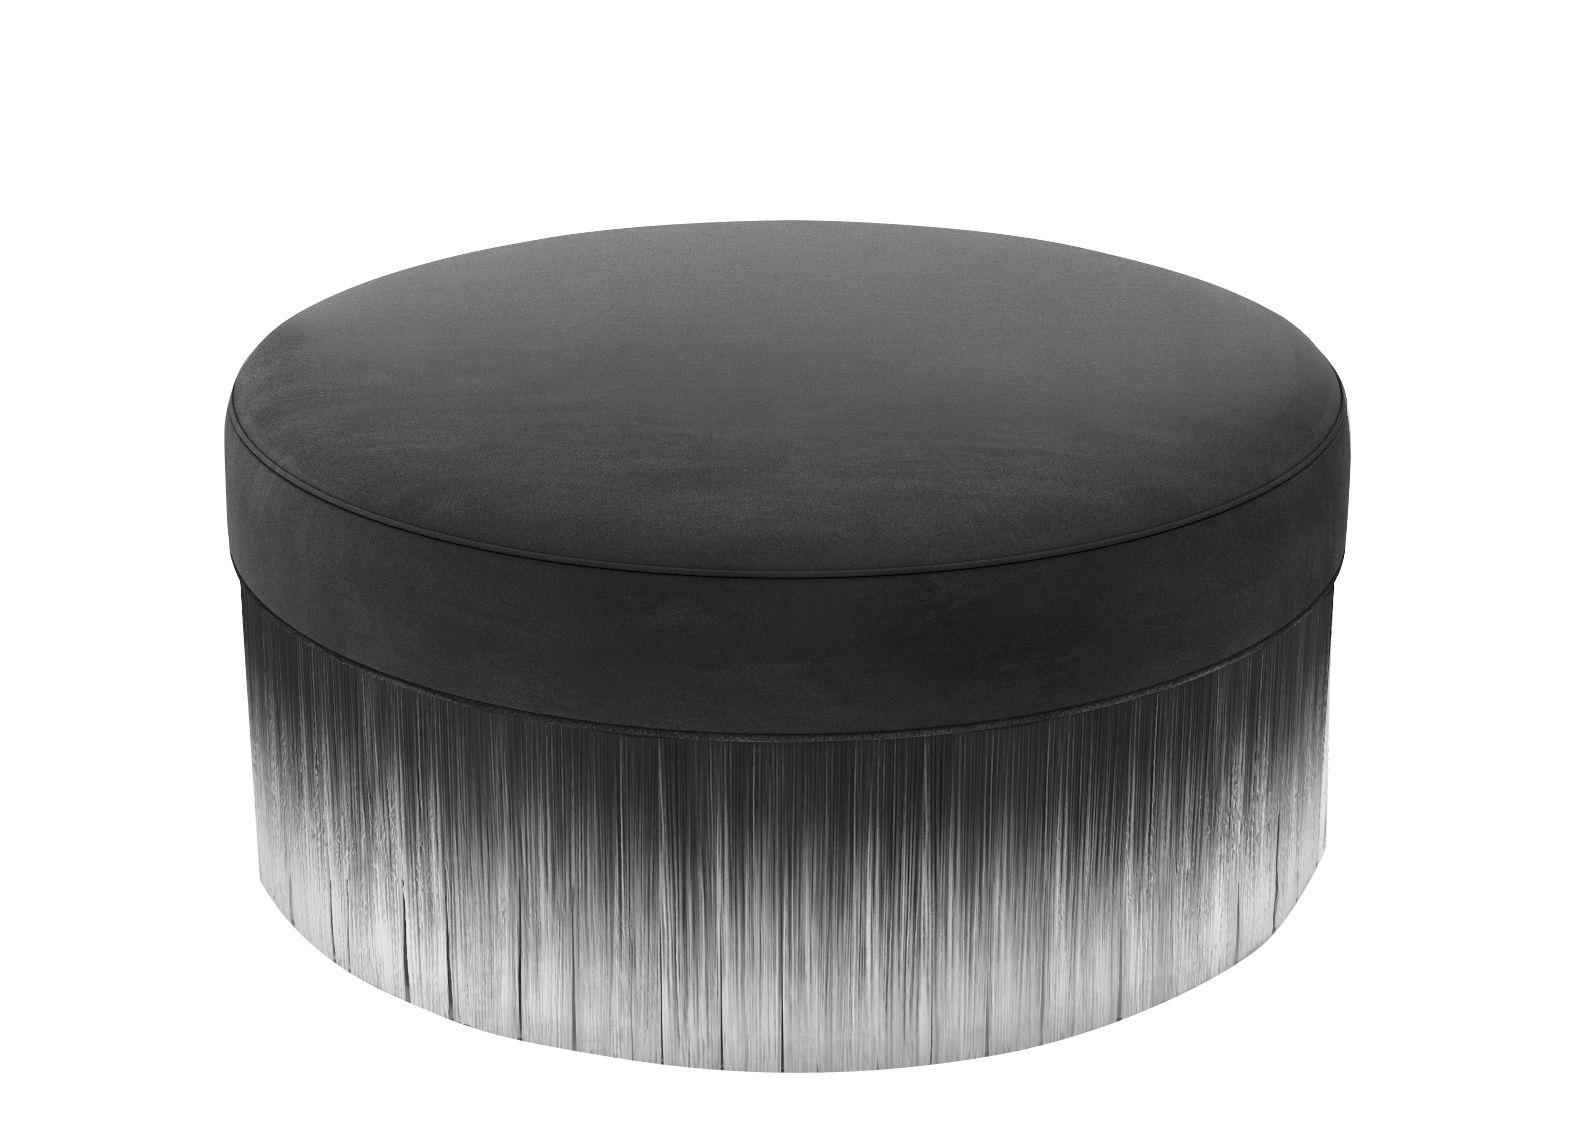 Möbel - Sitzkissen - Amami Sitzkissen / Ø 50 cm - Velours und Fransen - Moooi - Ø 50 cm / dunkelgrau - Holz, Schaumstoff, Velours